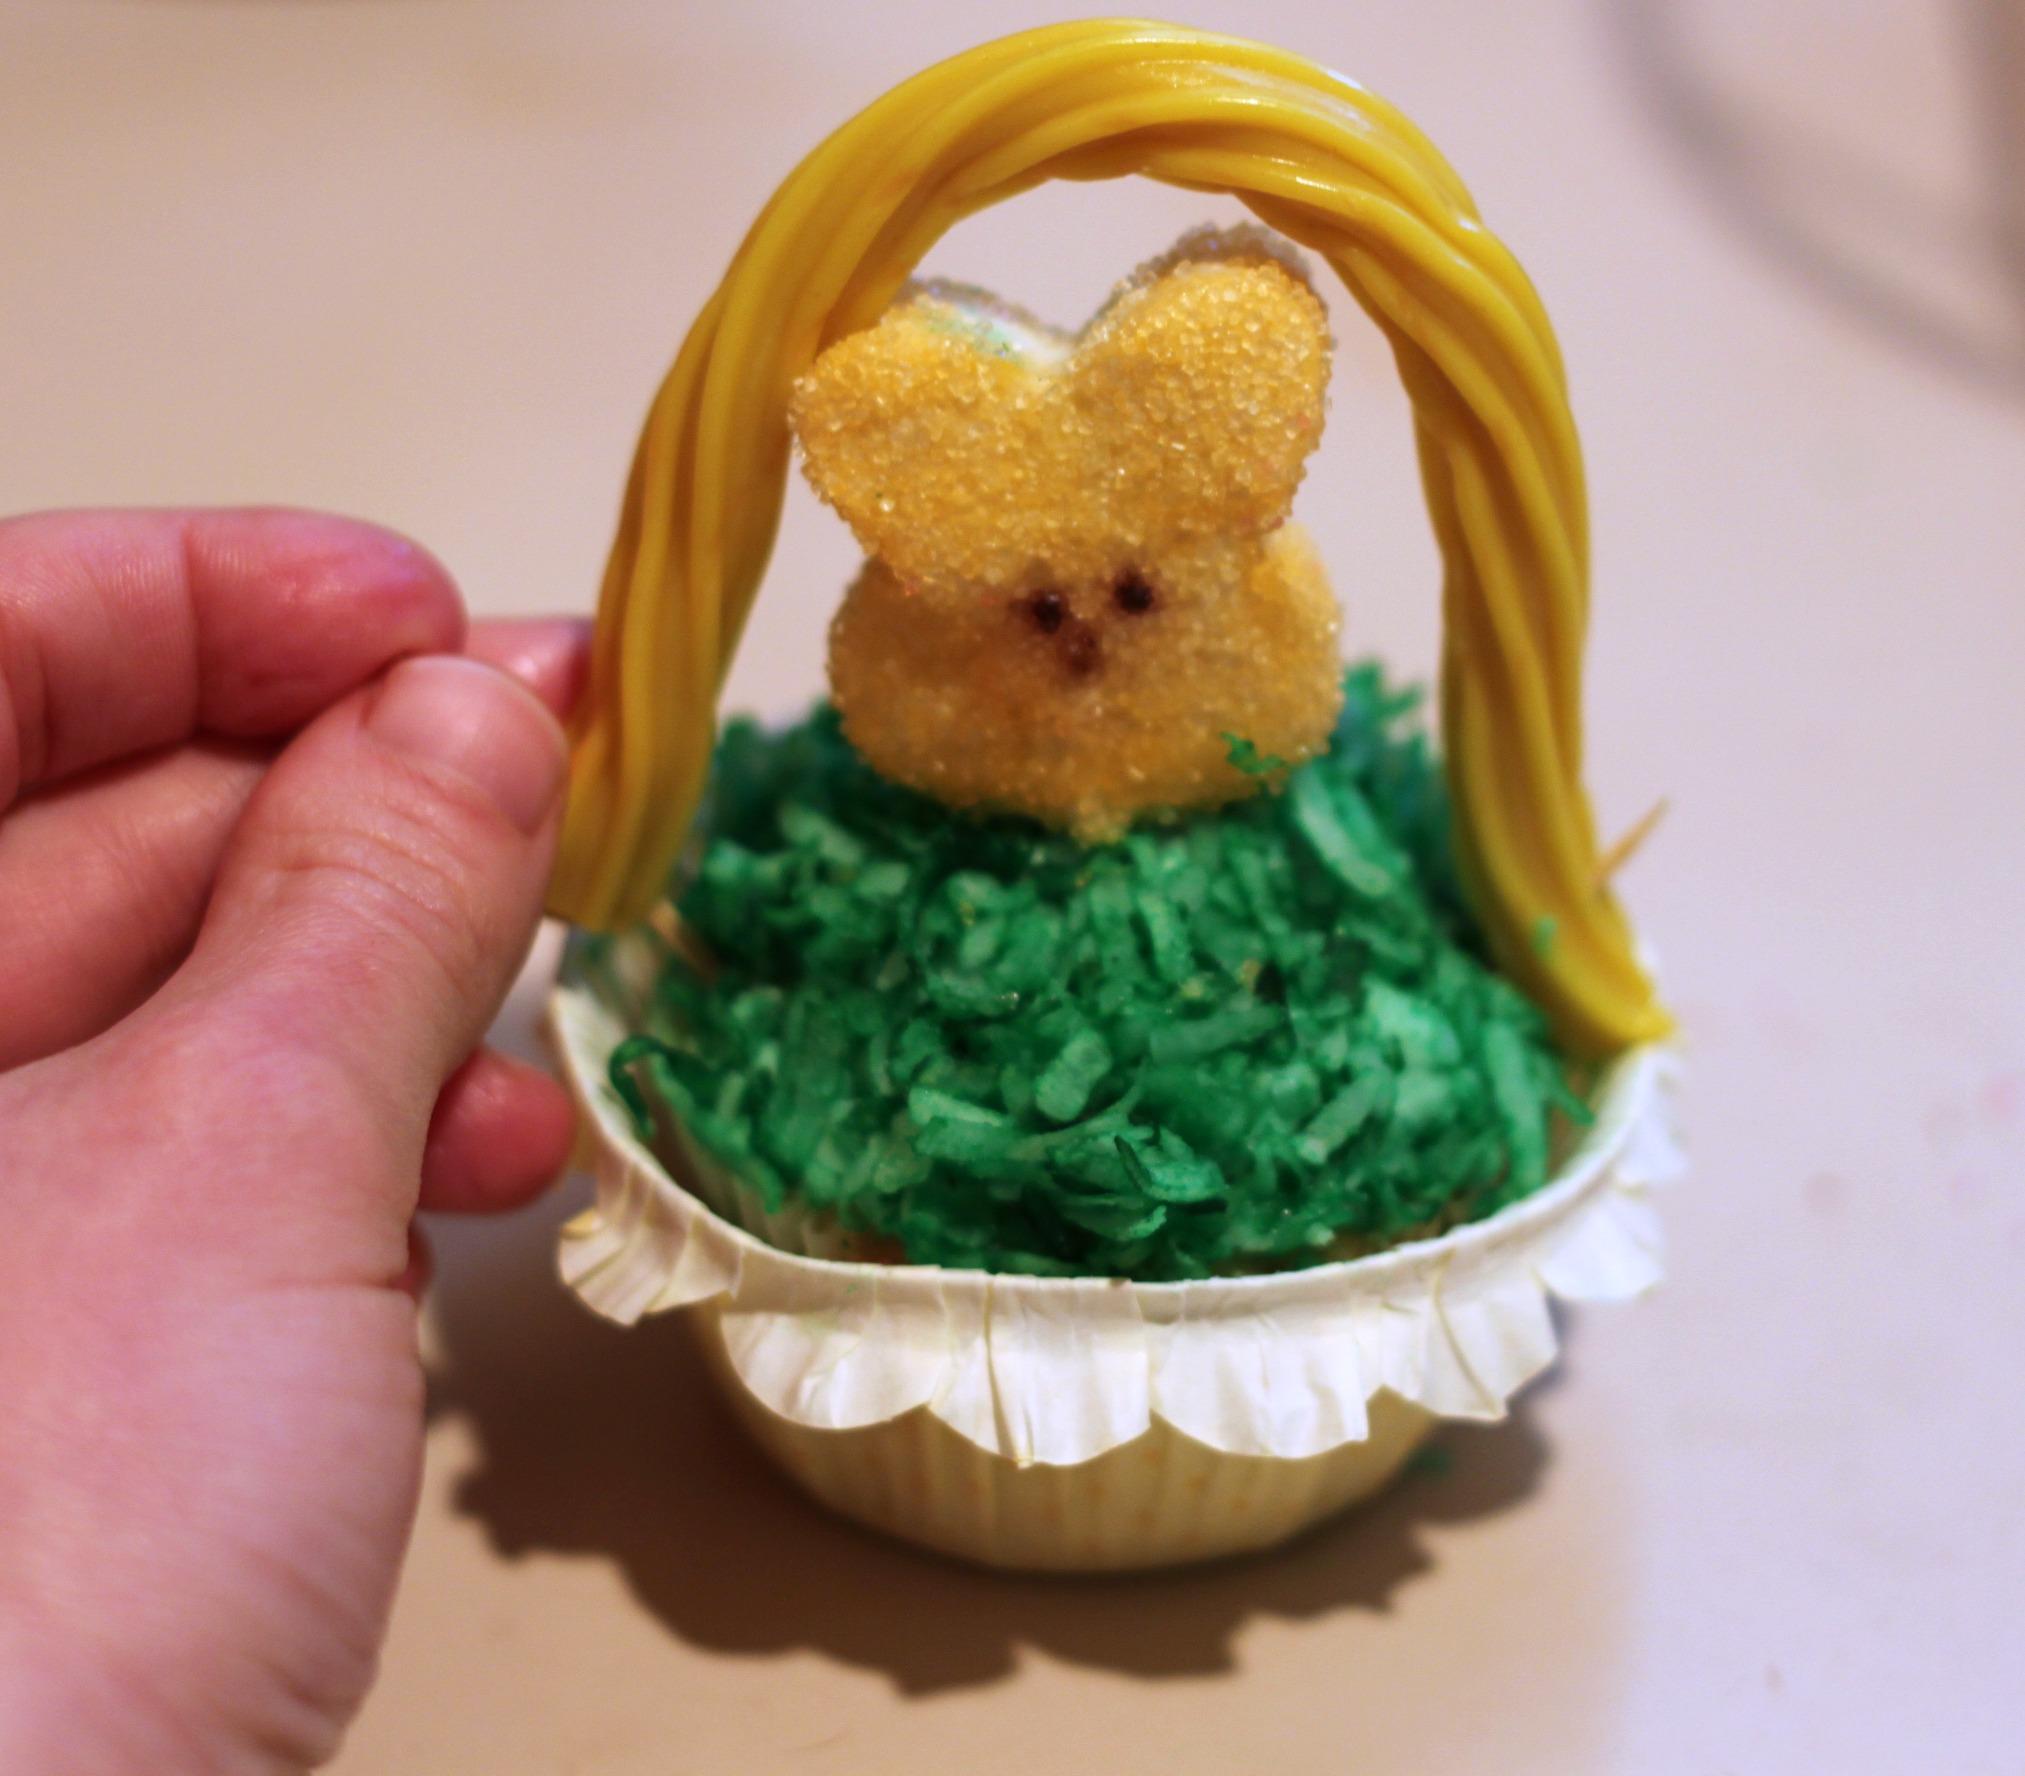 Put Twizzler onto Peepcake to make Easter basket cupcake